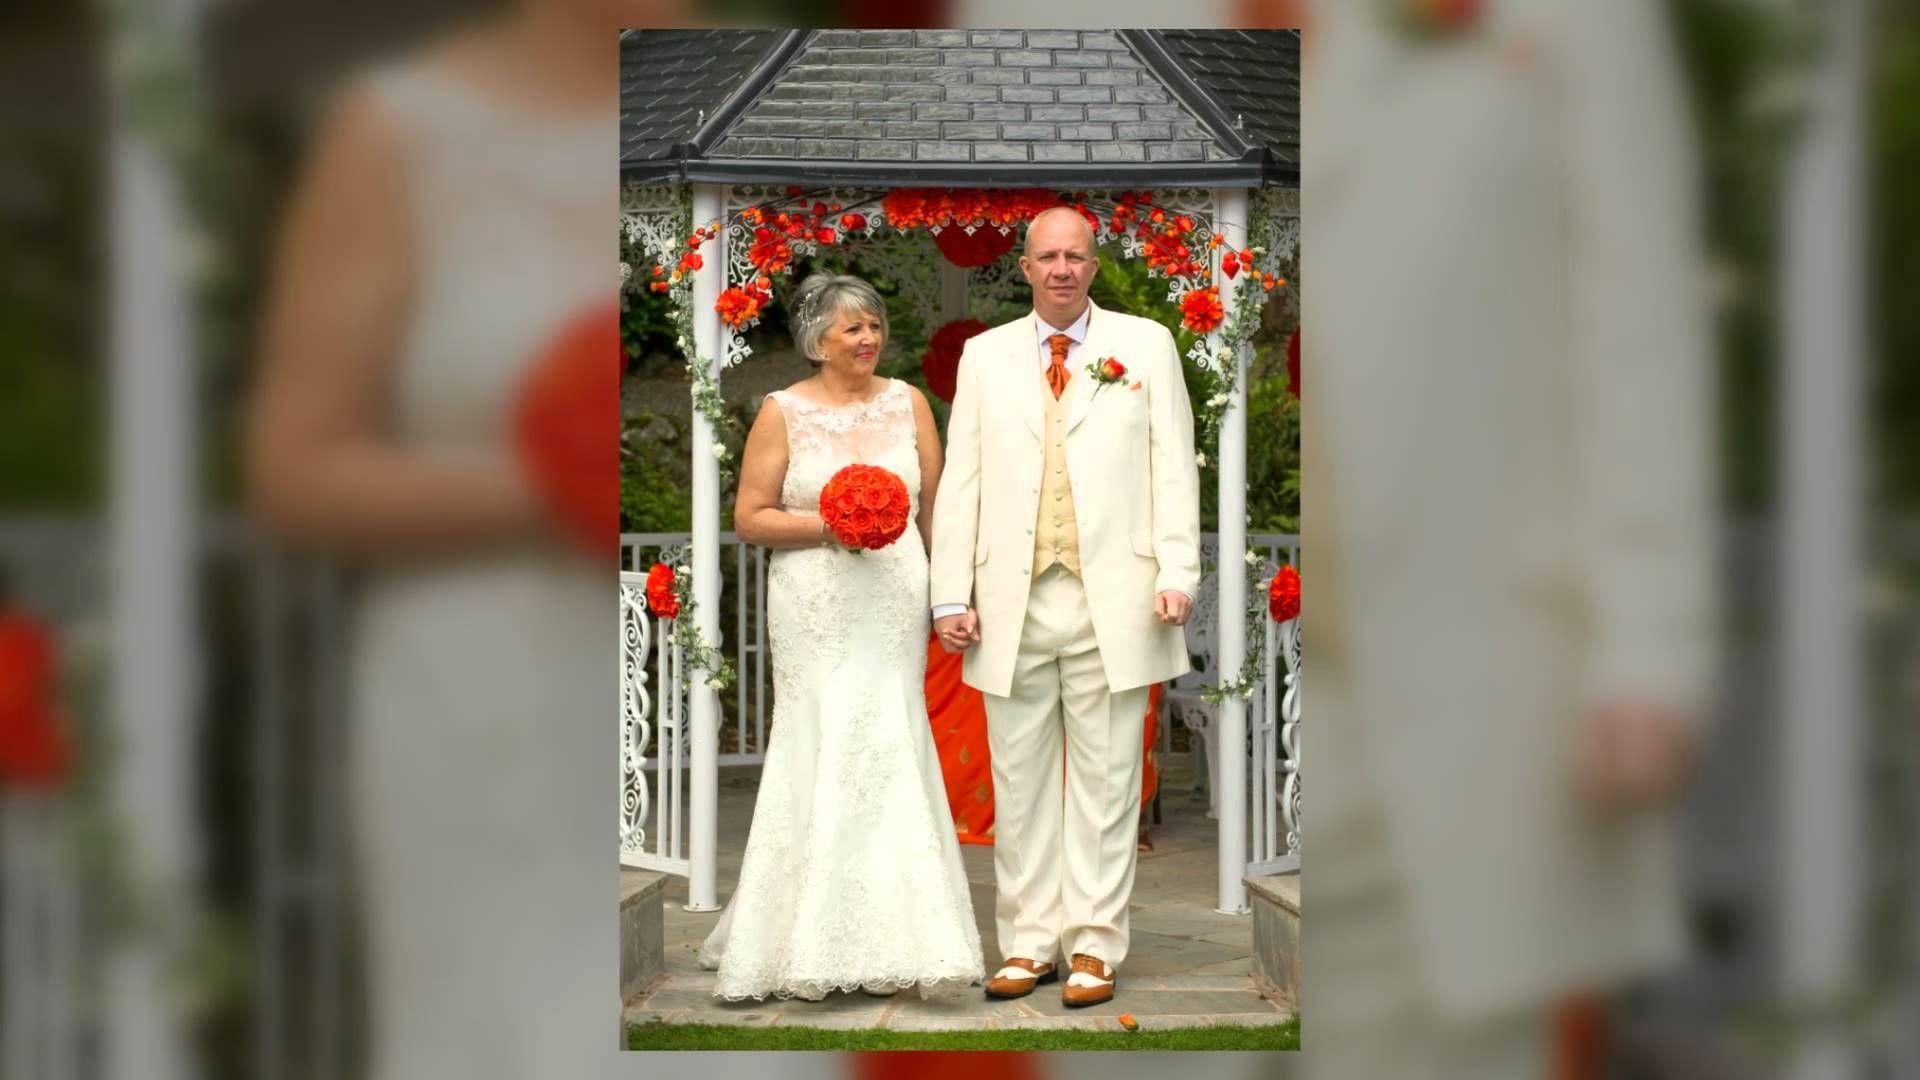 Carol & Richard's Lake District Wedding Broadoaks Hotel